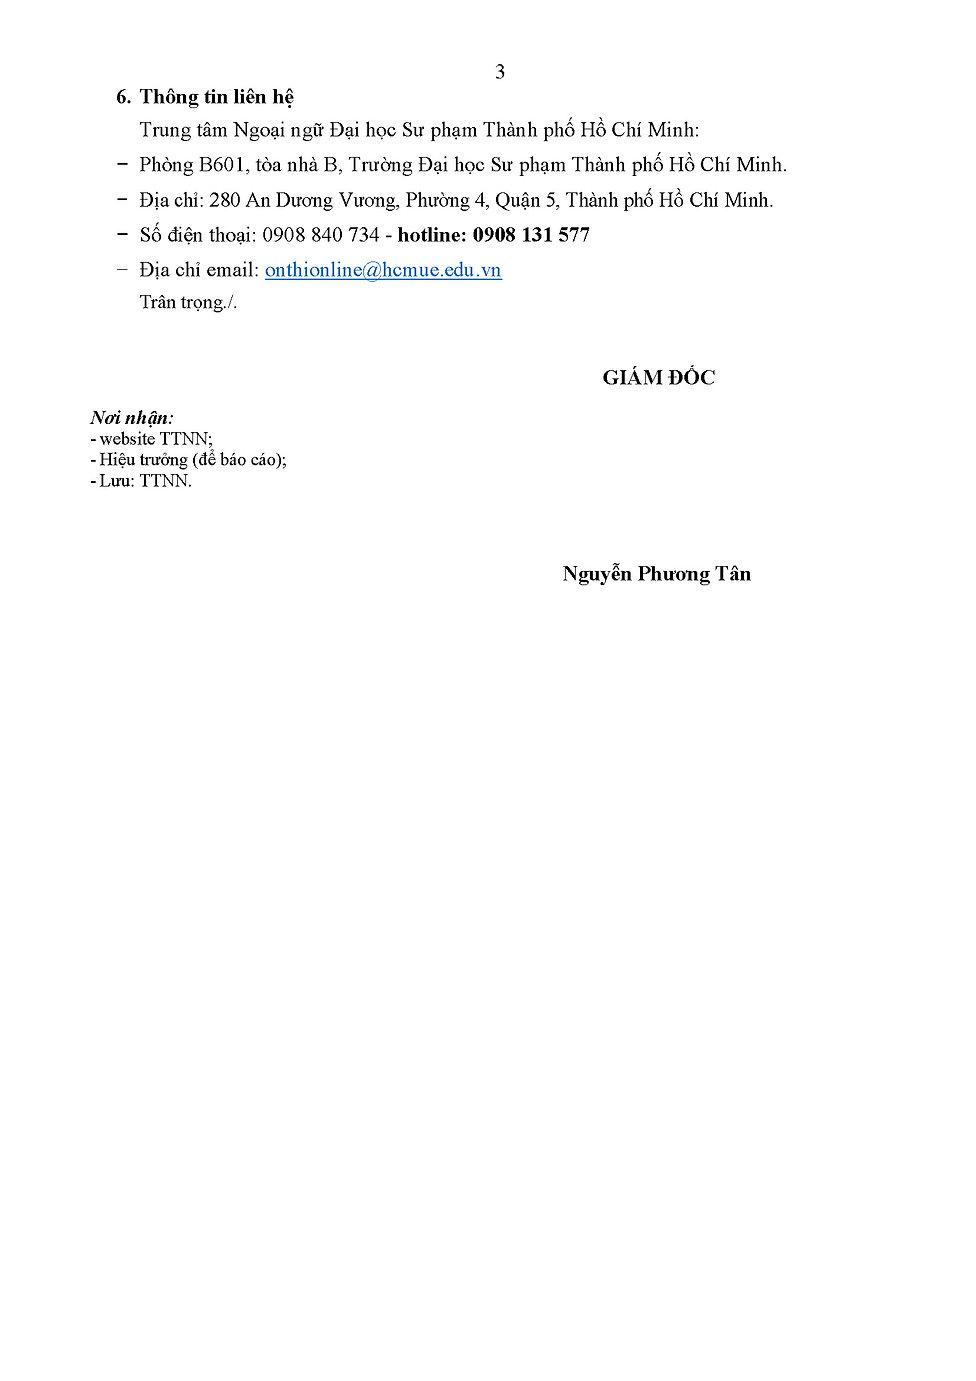 Thông báo khóa 10_Page_3.jpg